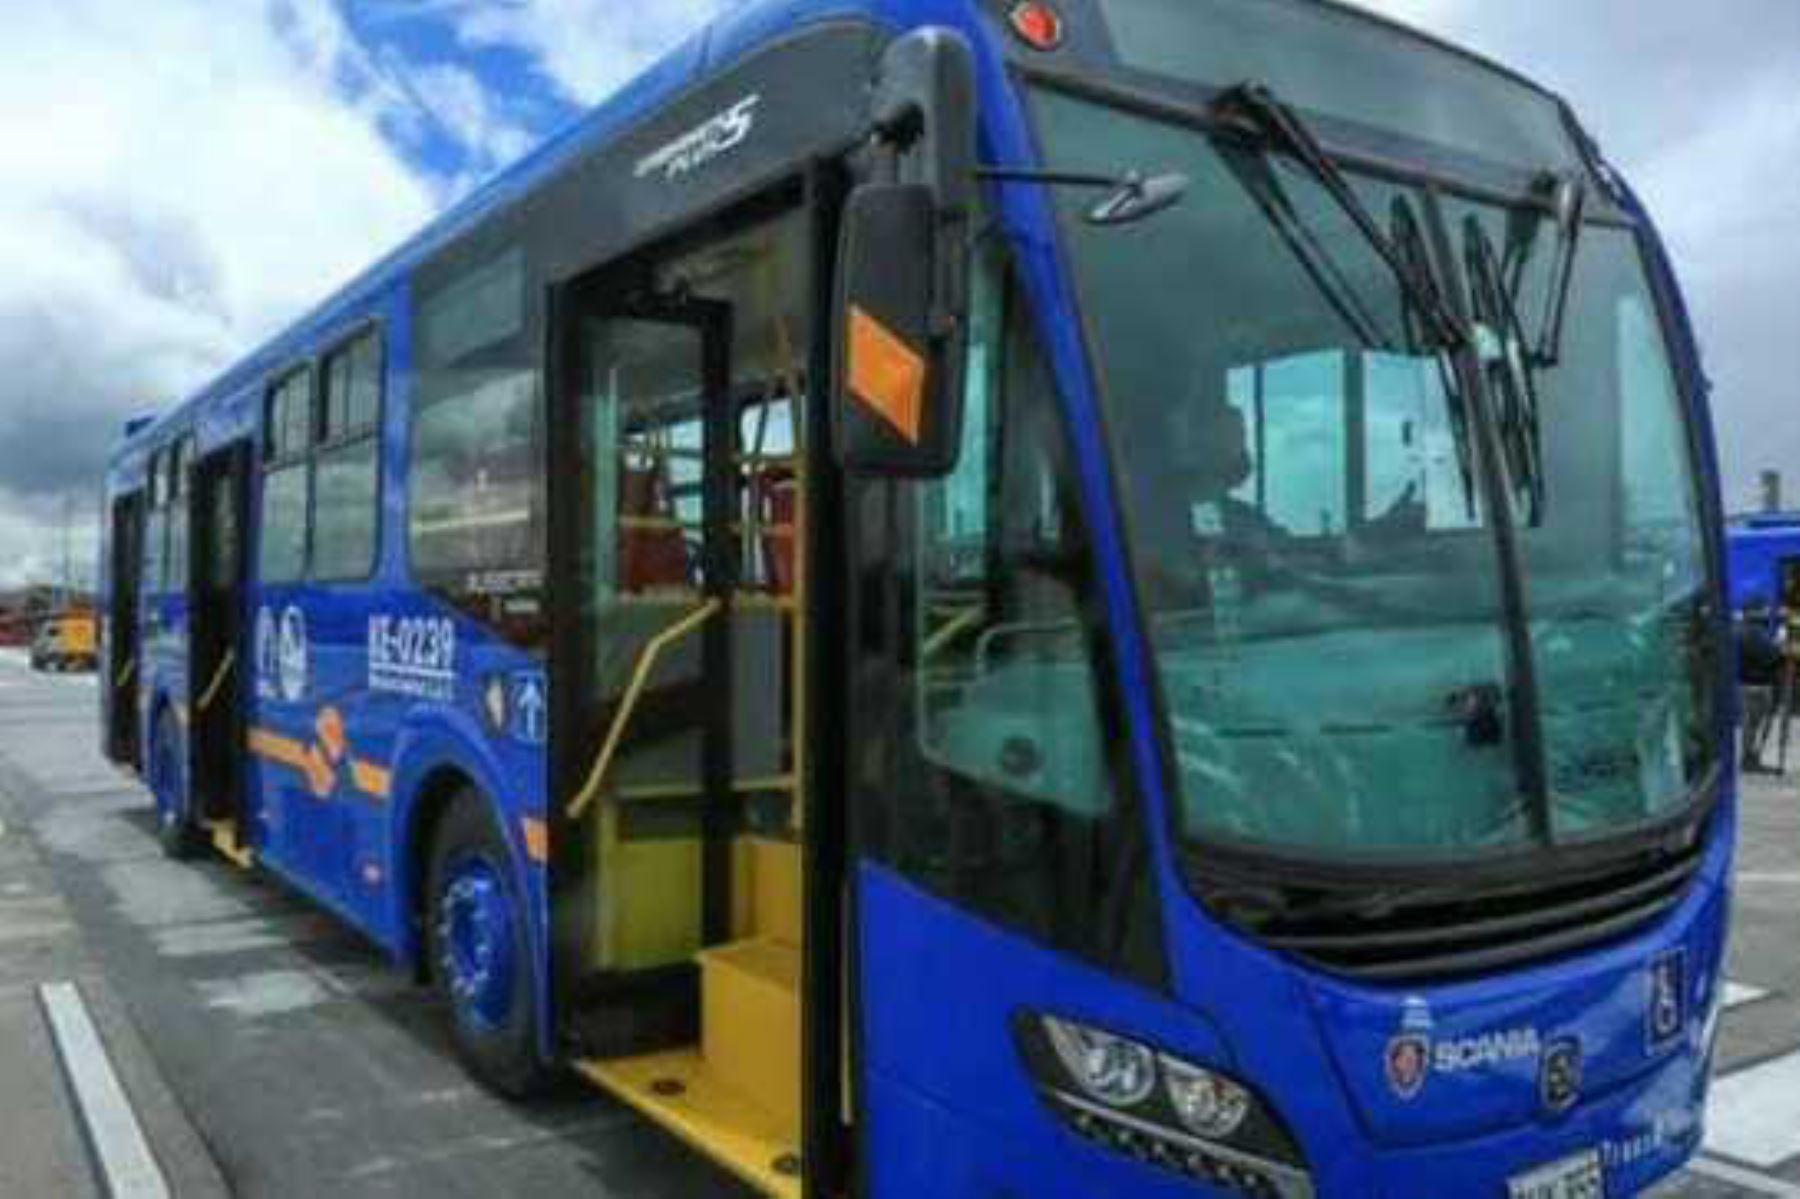 El bus patrón a GNV tiene una autonomía mínima de 250 km por hora mientras que el bus patrón a diésel tendrá una autonomía mínima de 300 km por hora. ANDINA/ ATU